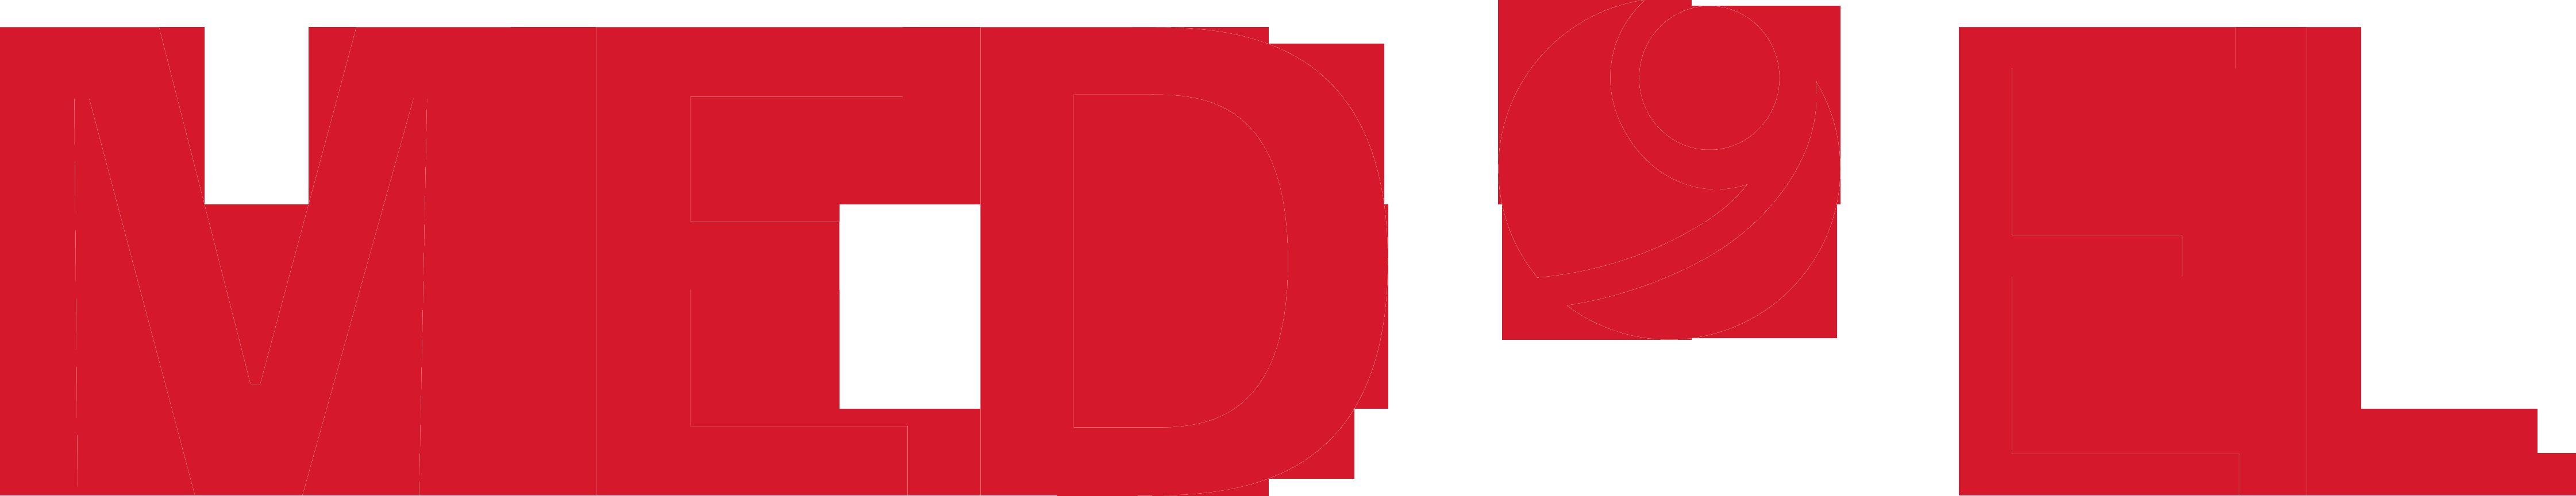 美笛乐听力植入技术服务(北京)有限公司-2018中国国际福祉博览会暨中国国际康复博览会